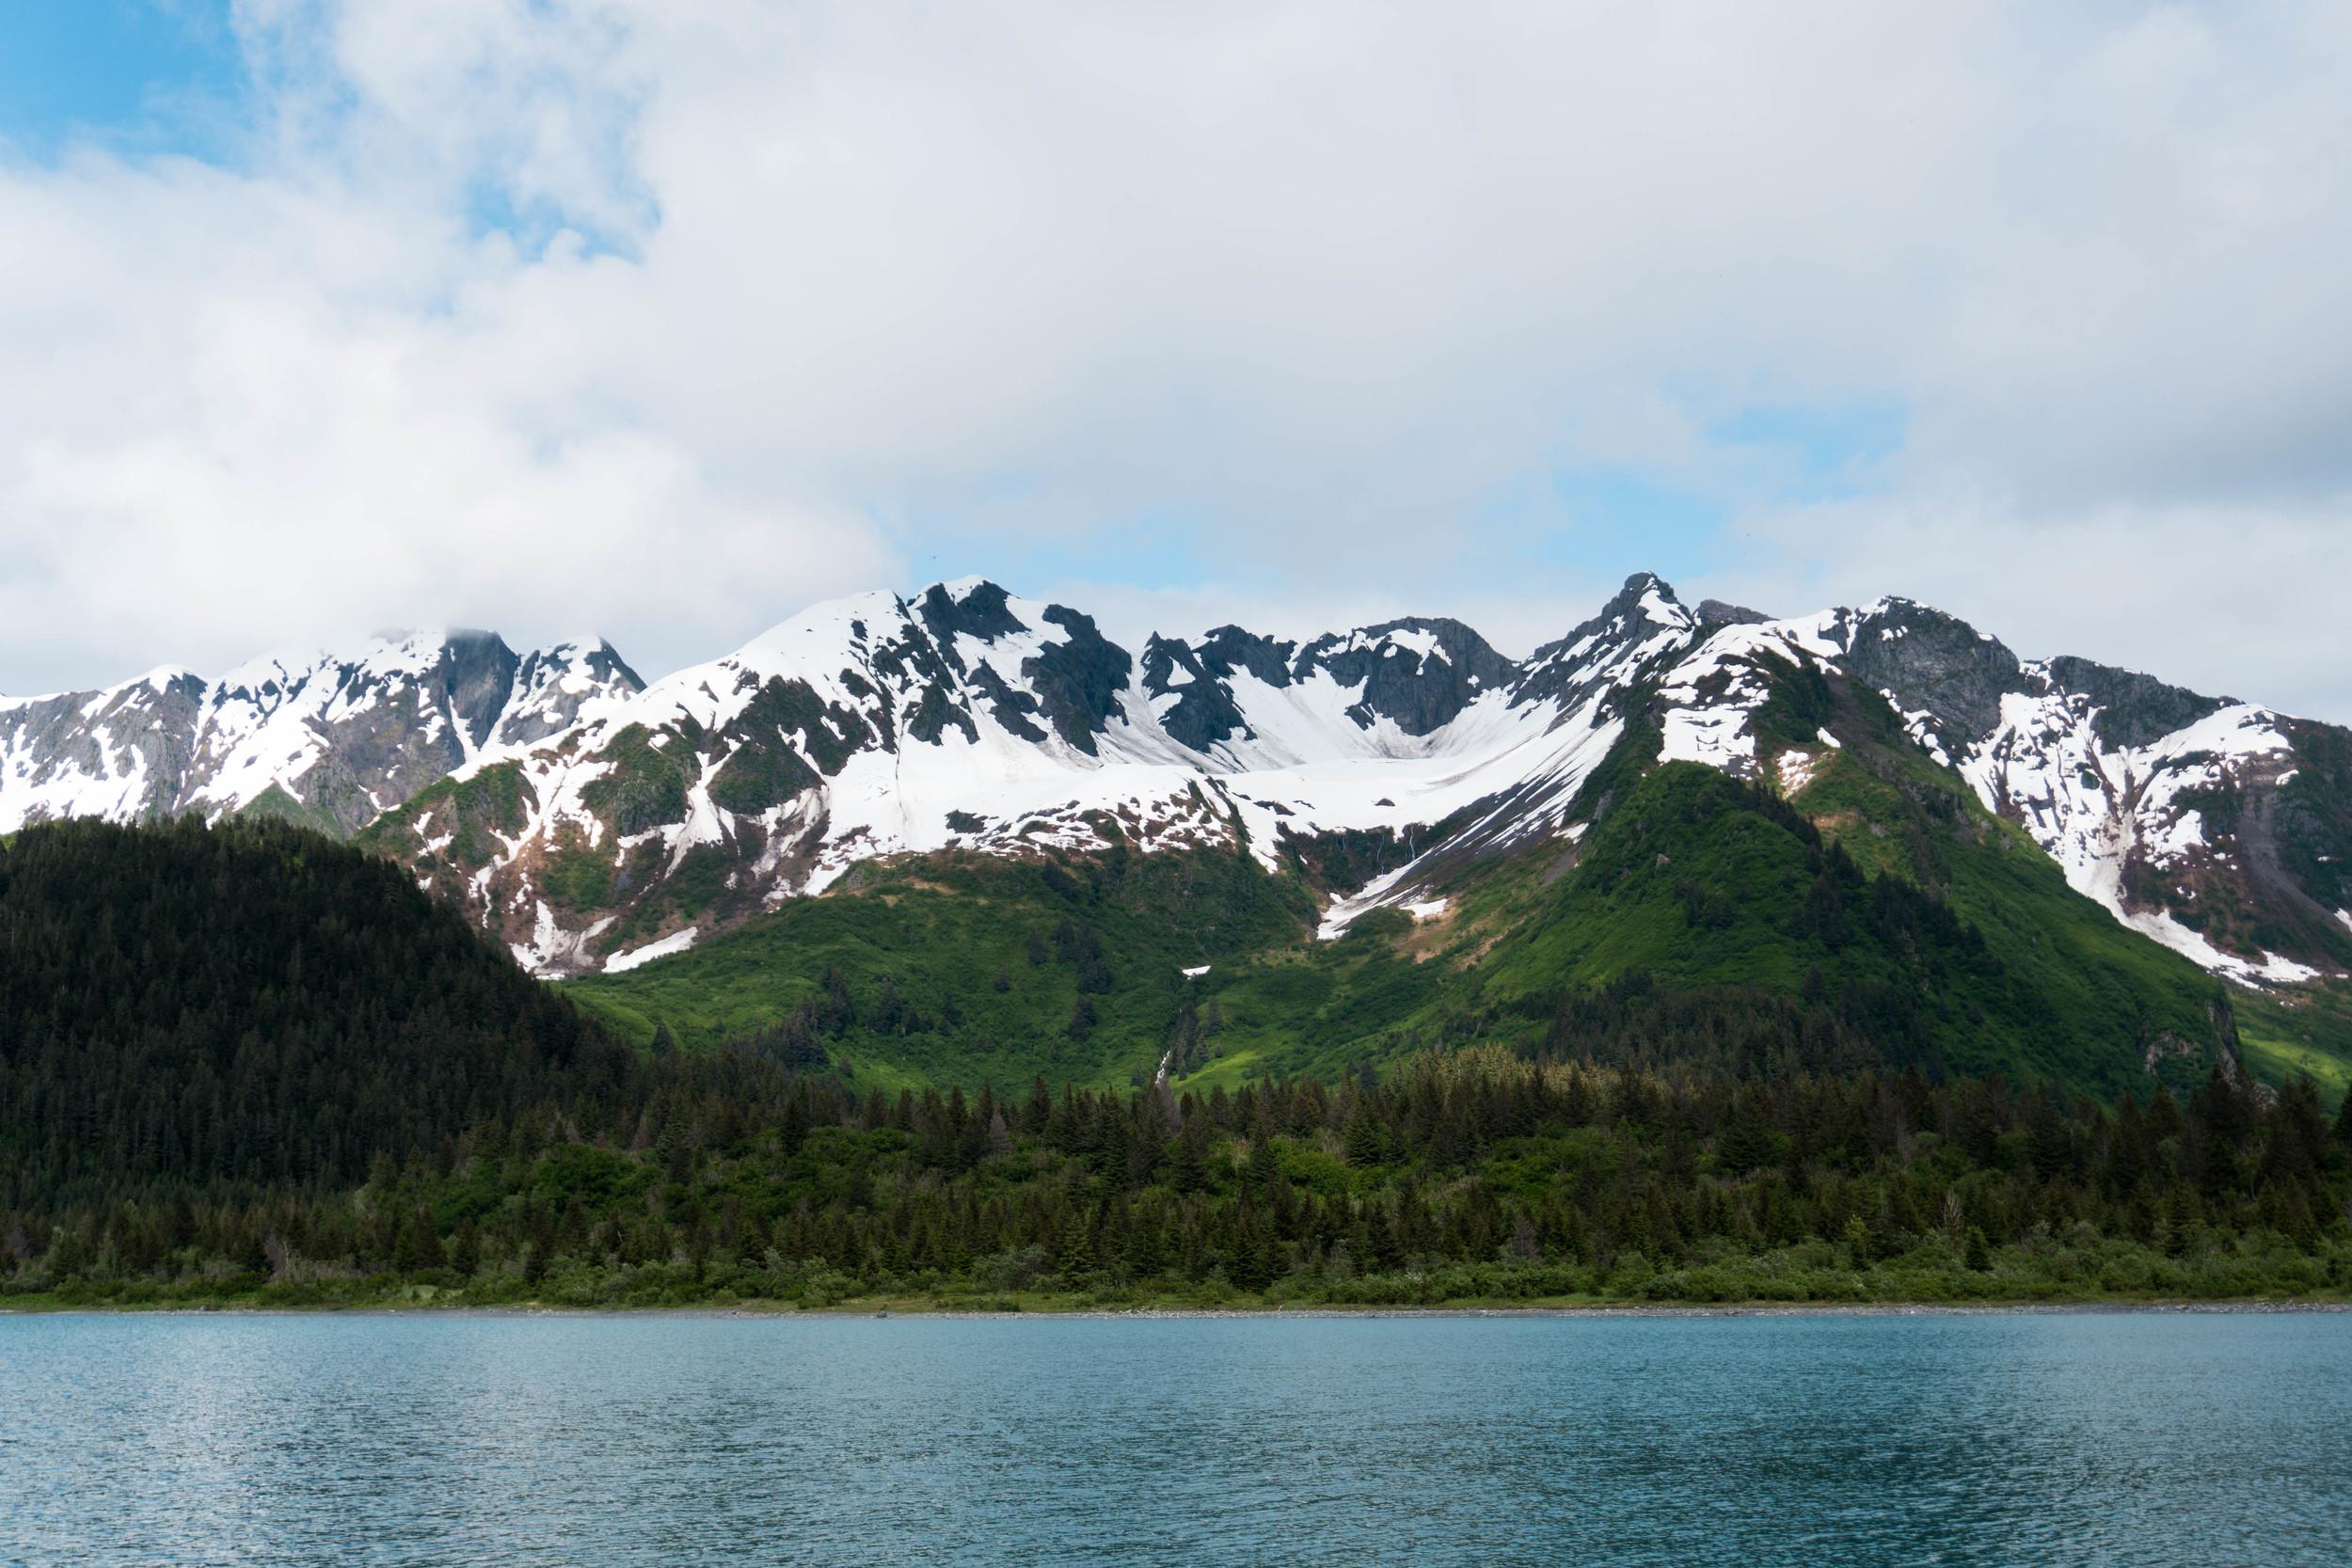 LLV_Alaska-32.jpg